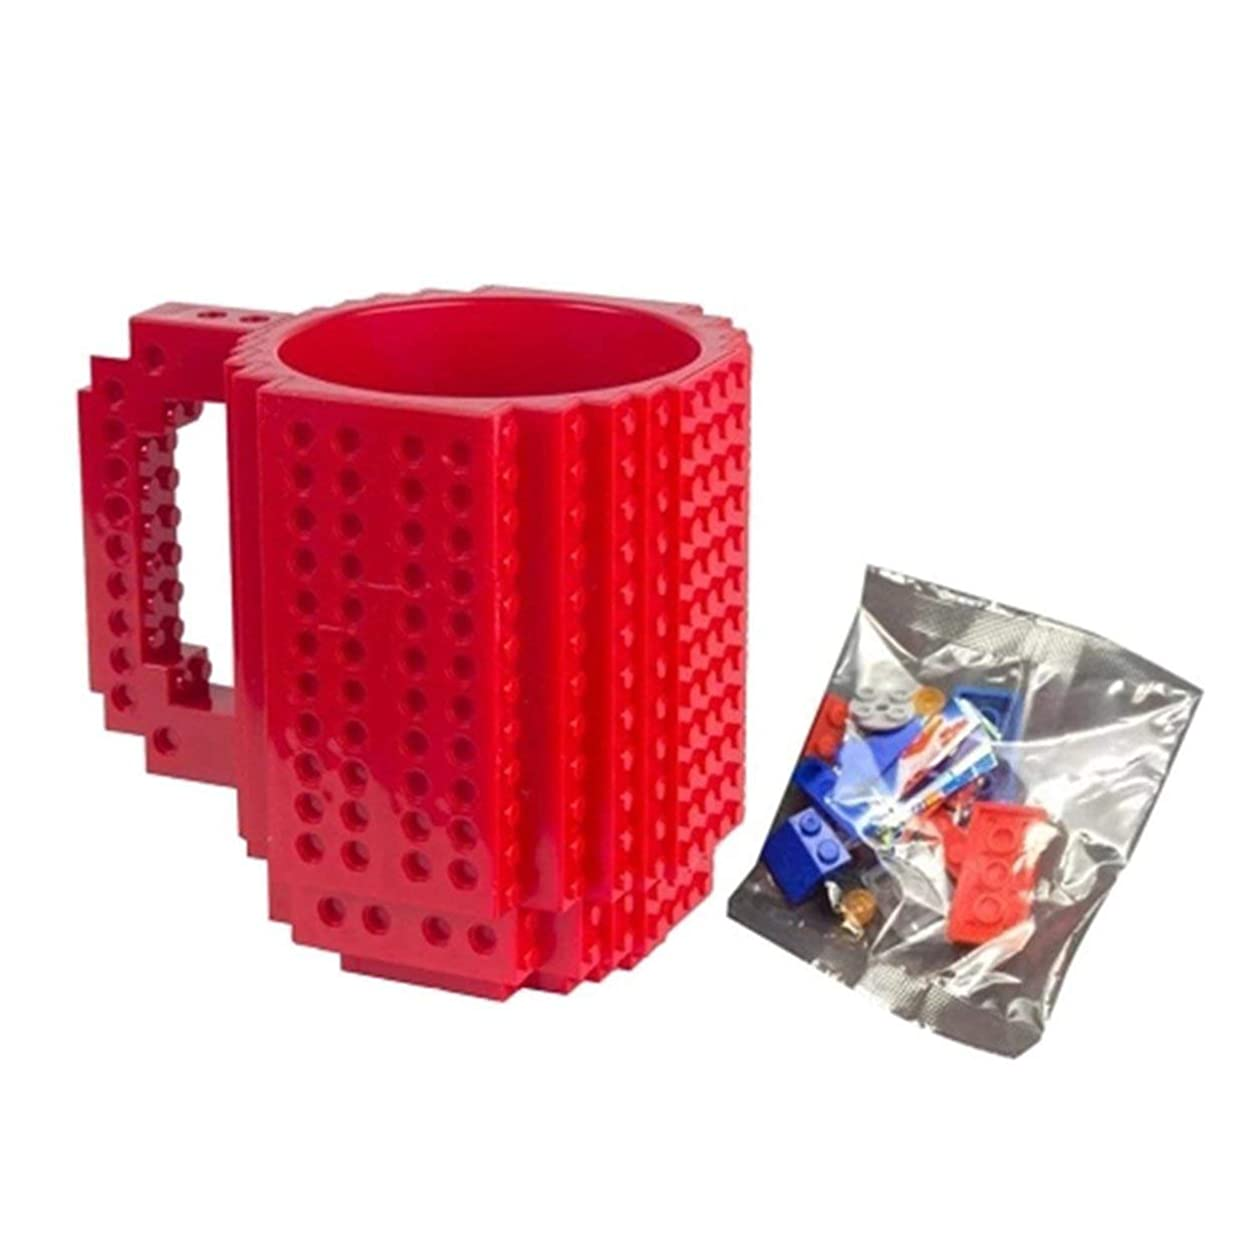 冷淡なラフ睡眠貞Saikogoods レンガマグカップDIY?ビルディング?ブロックのコーヒーカップを構築 赤